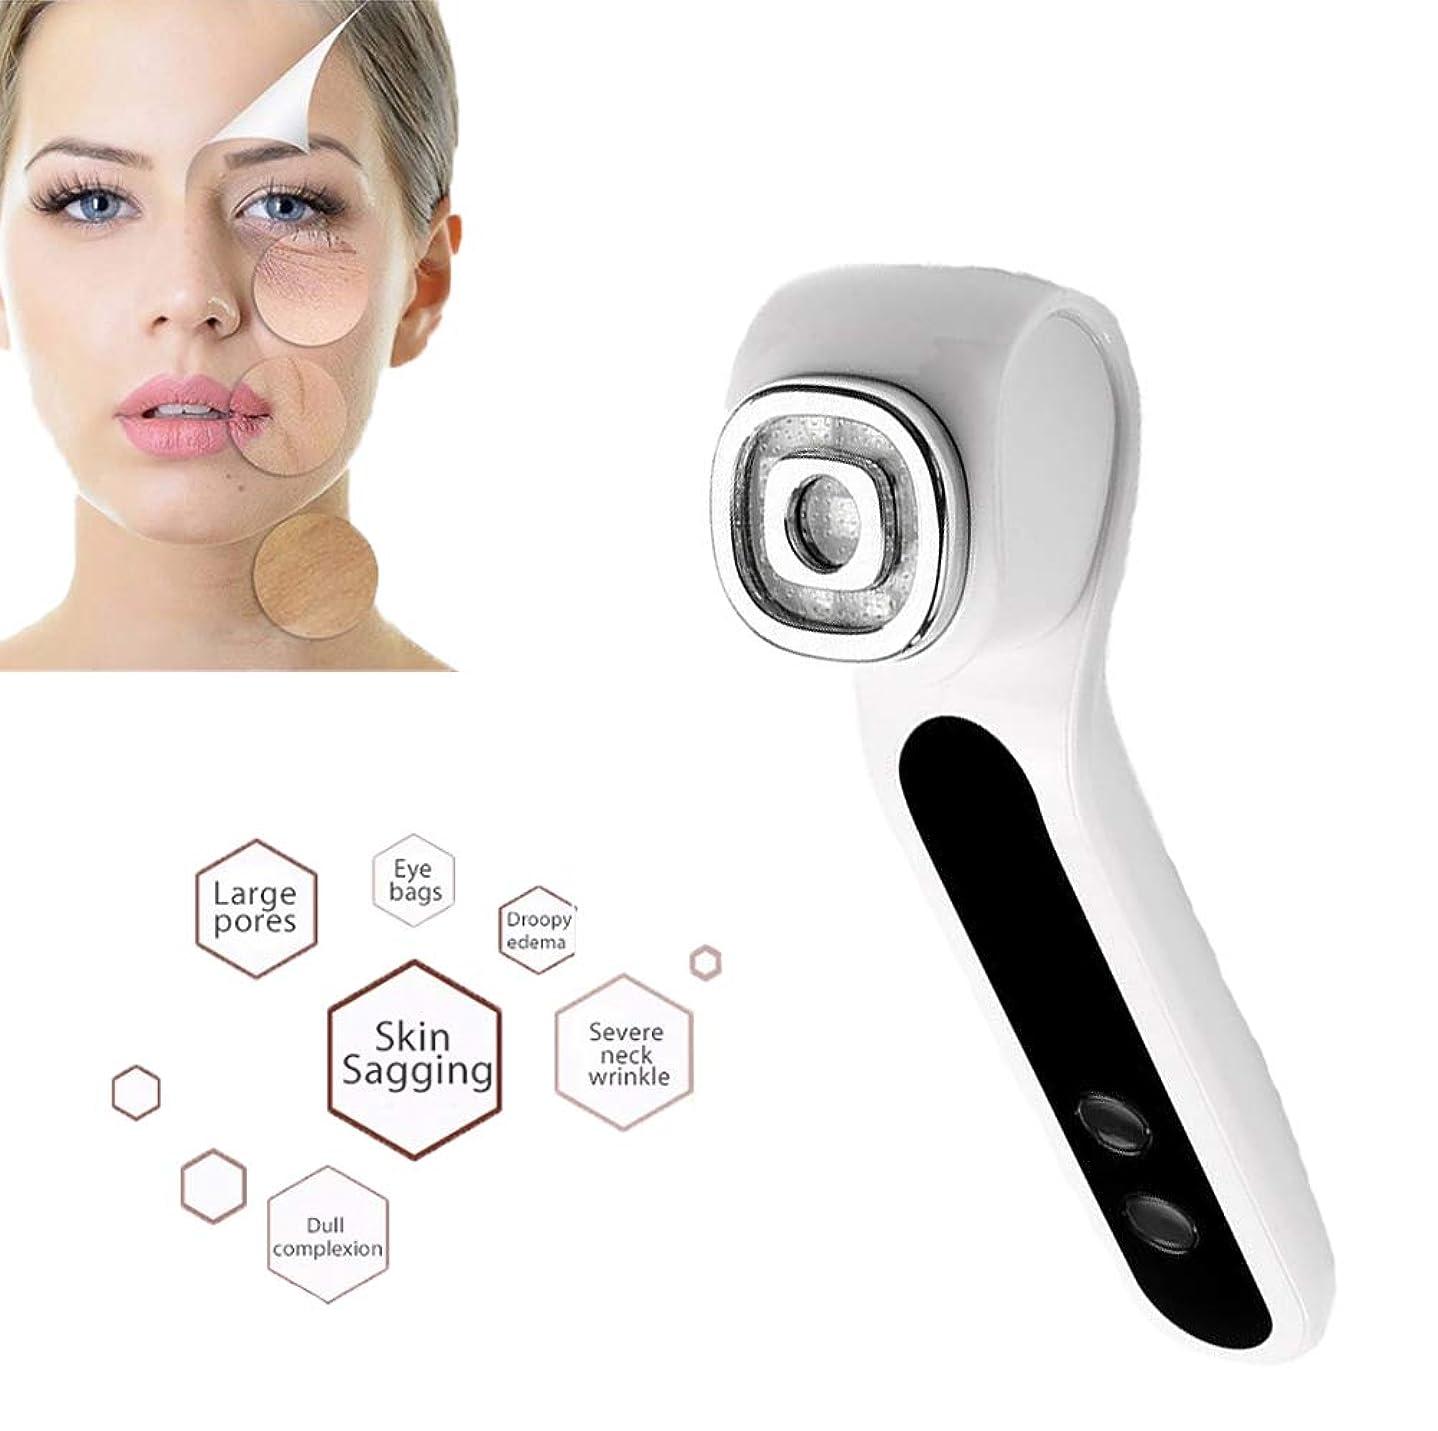 リー謝罪するミス美容化粧品LED光子療法RF + EMSリフティングイオンクレンジング振動肌の整形マッサージ用家庭用